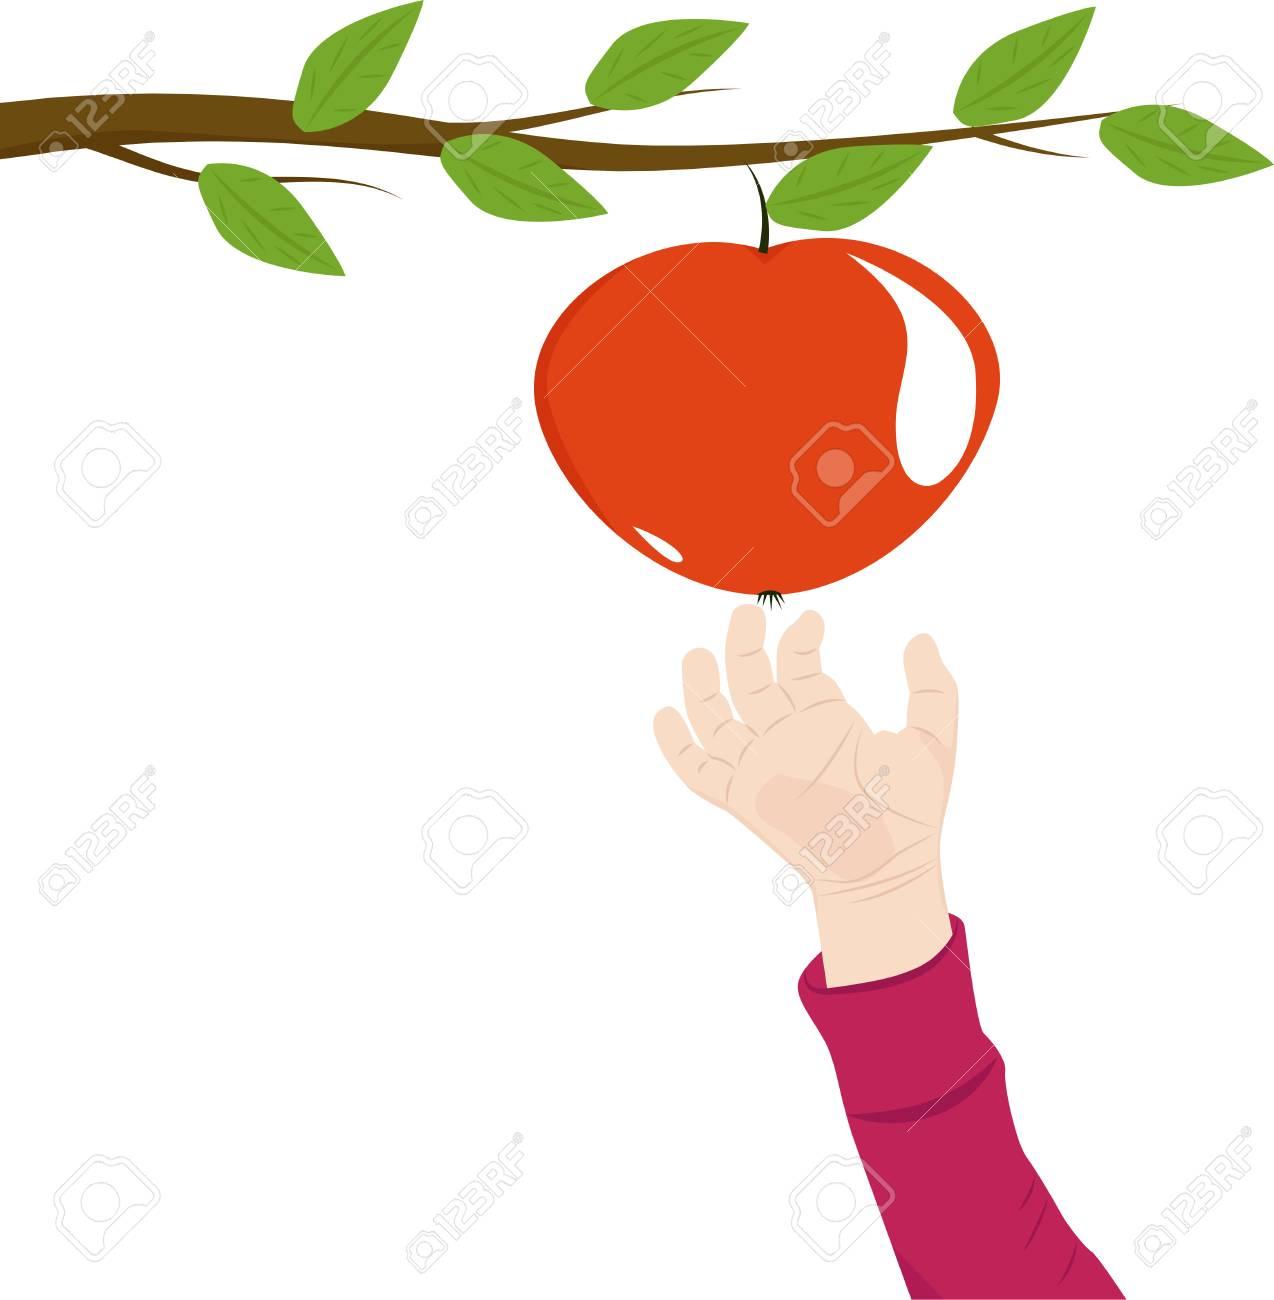 大きな赤い熟したリンゴベクトル図に手を伸ばす子供手のイラスト素材